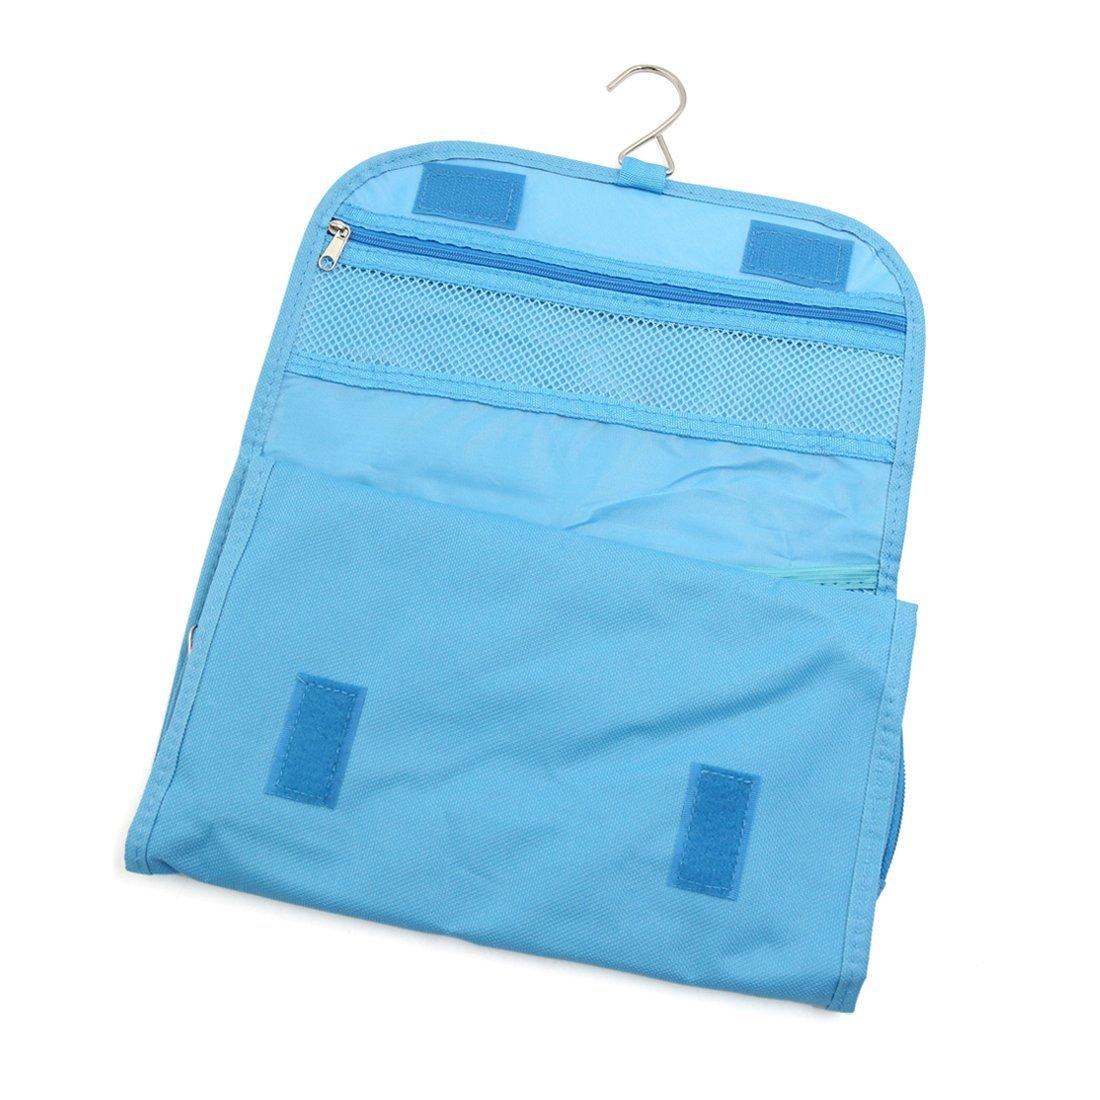 Amazon.com: eDealMax baño Colgar Organizador 7 bolsillos Cosmética Wash Neceser de almacenamiento Bolsa de Mano Azul Viajes: Health & Personal Care